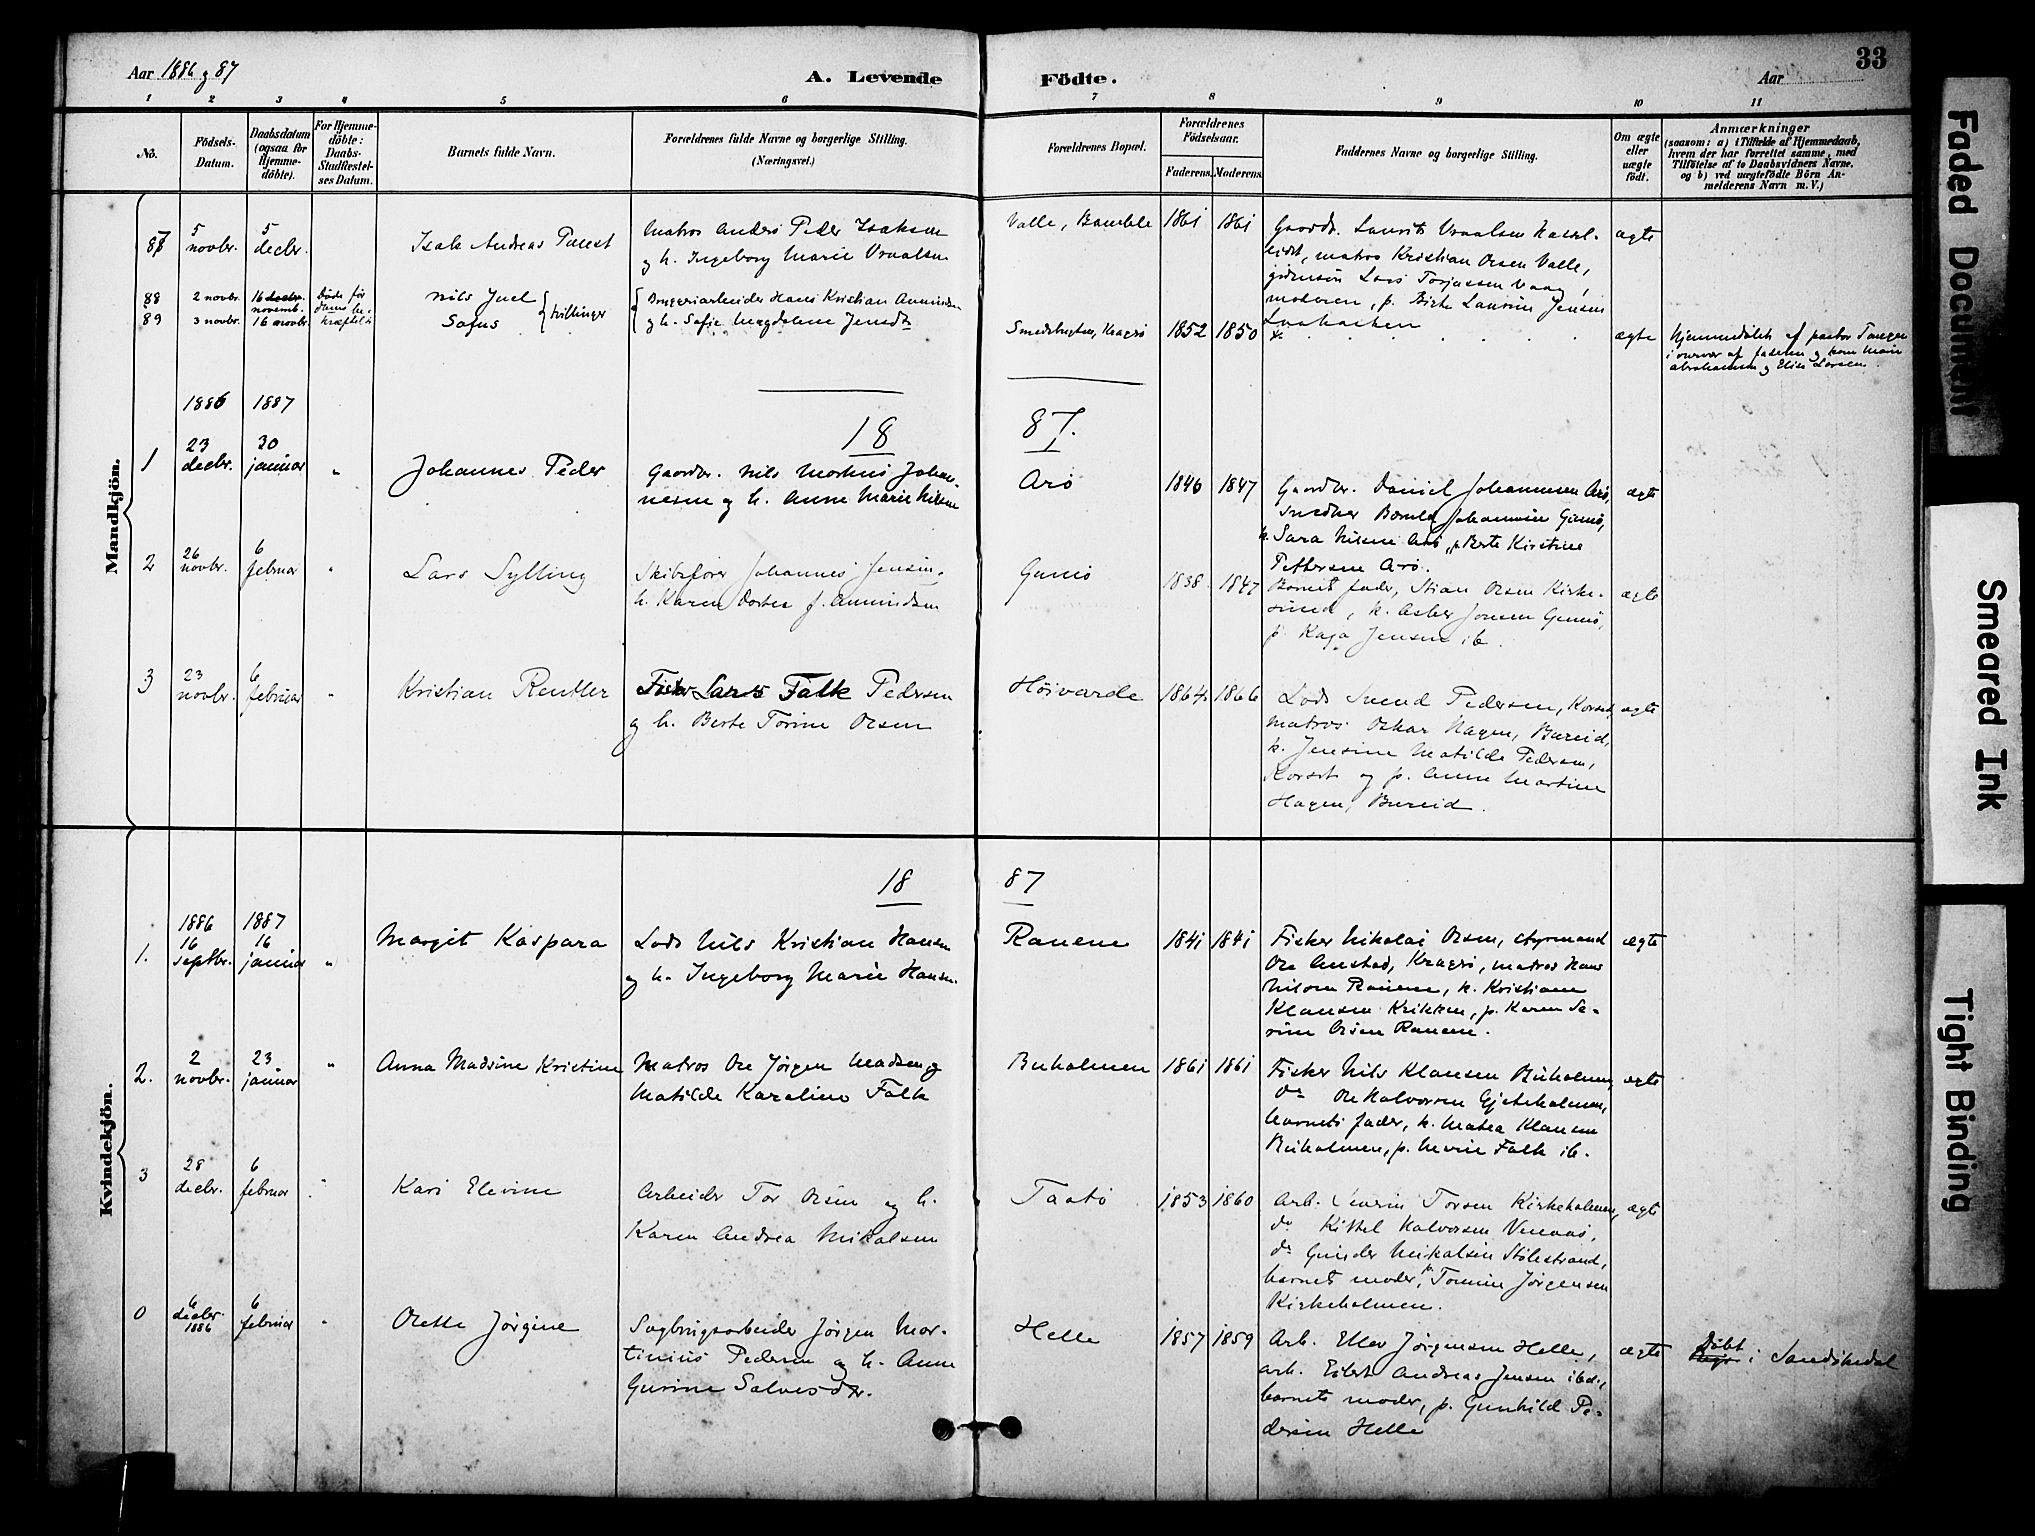 SAKO, Skåtøy kirkebøker, F/Fa/L0002: Ministerialbok nr. I 2, 1884-1899, s. 33